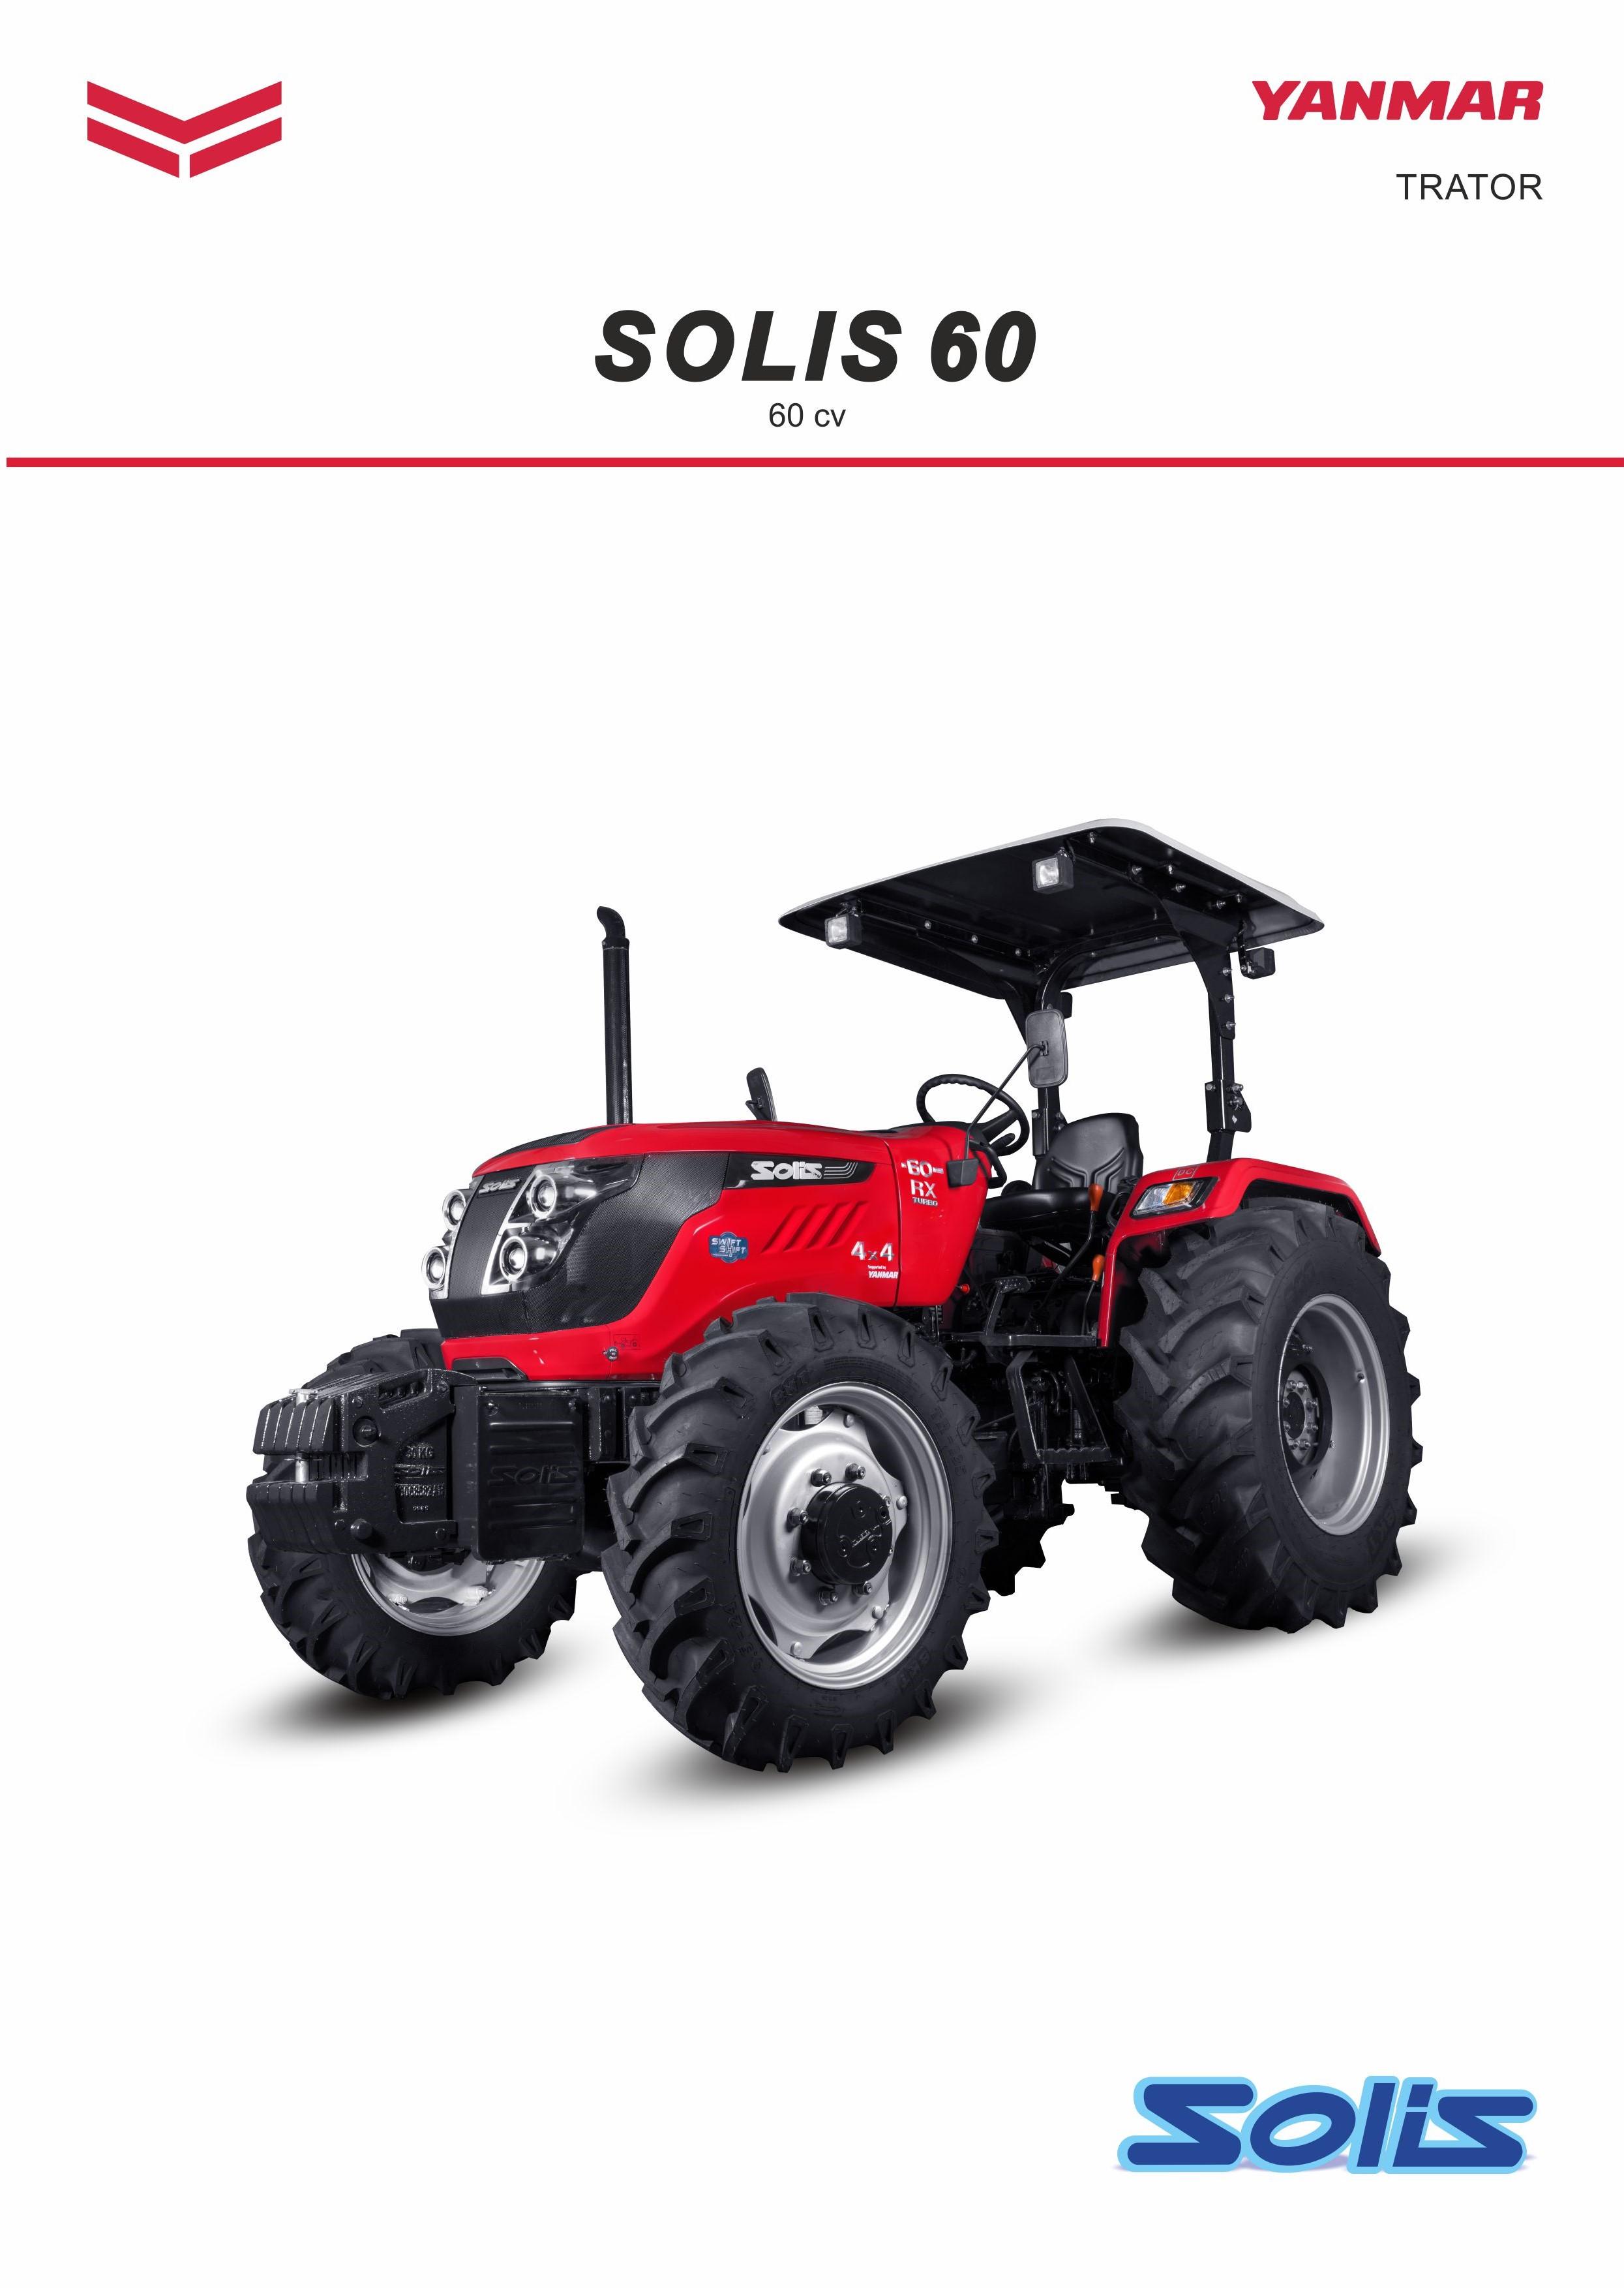 Solis 60 - Facelift